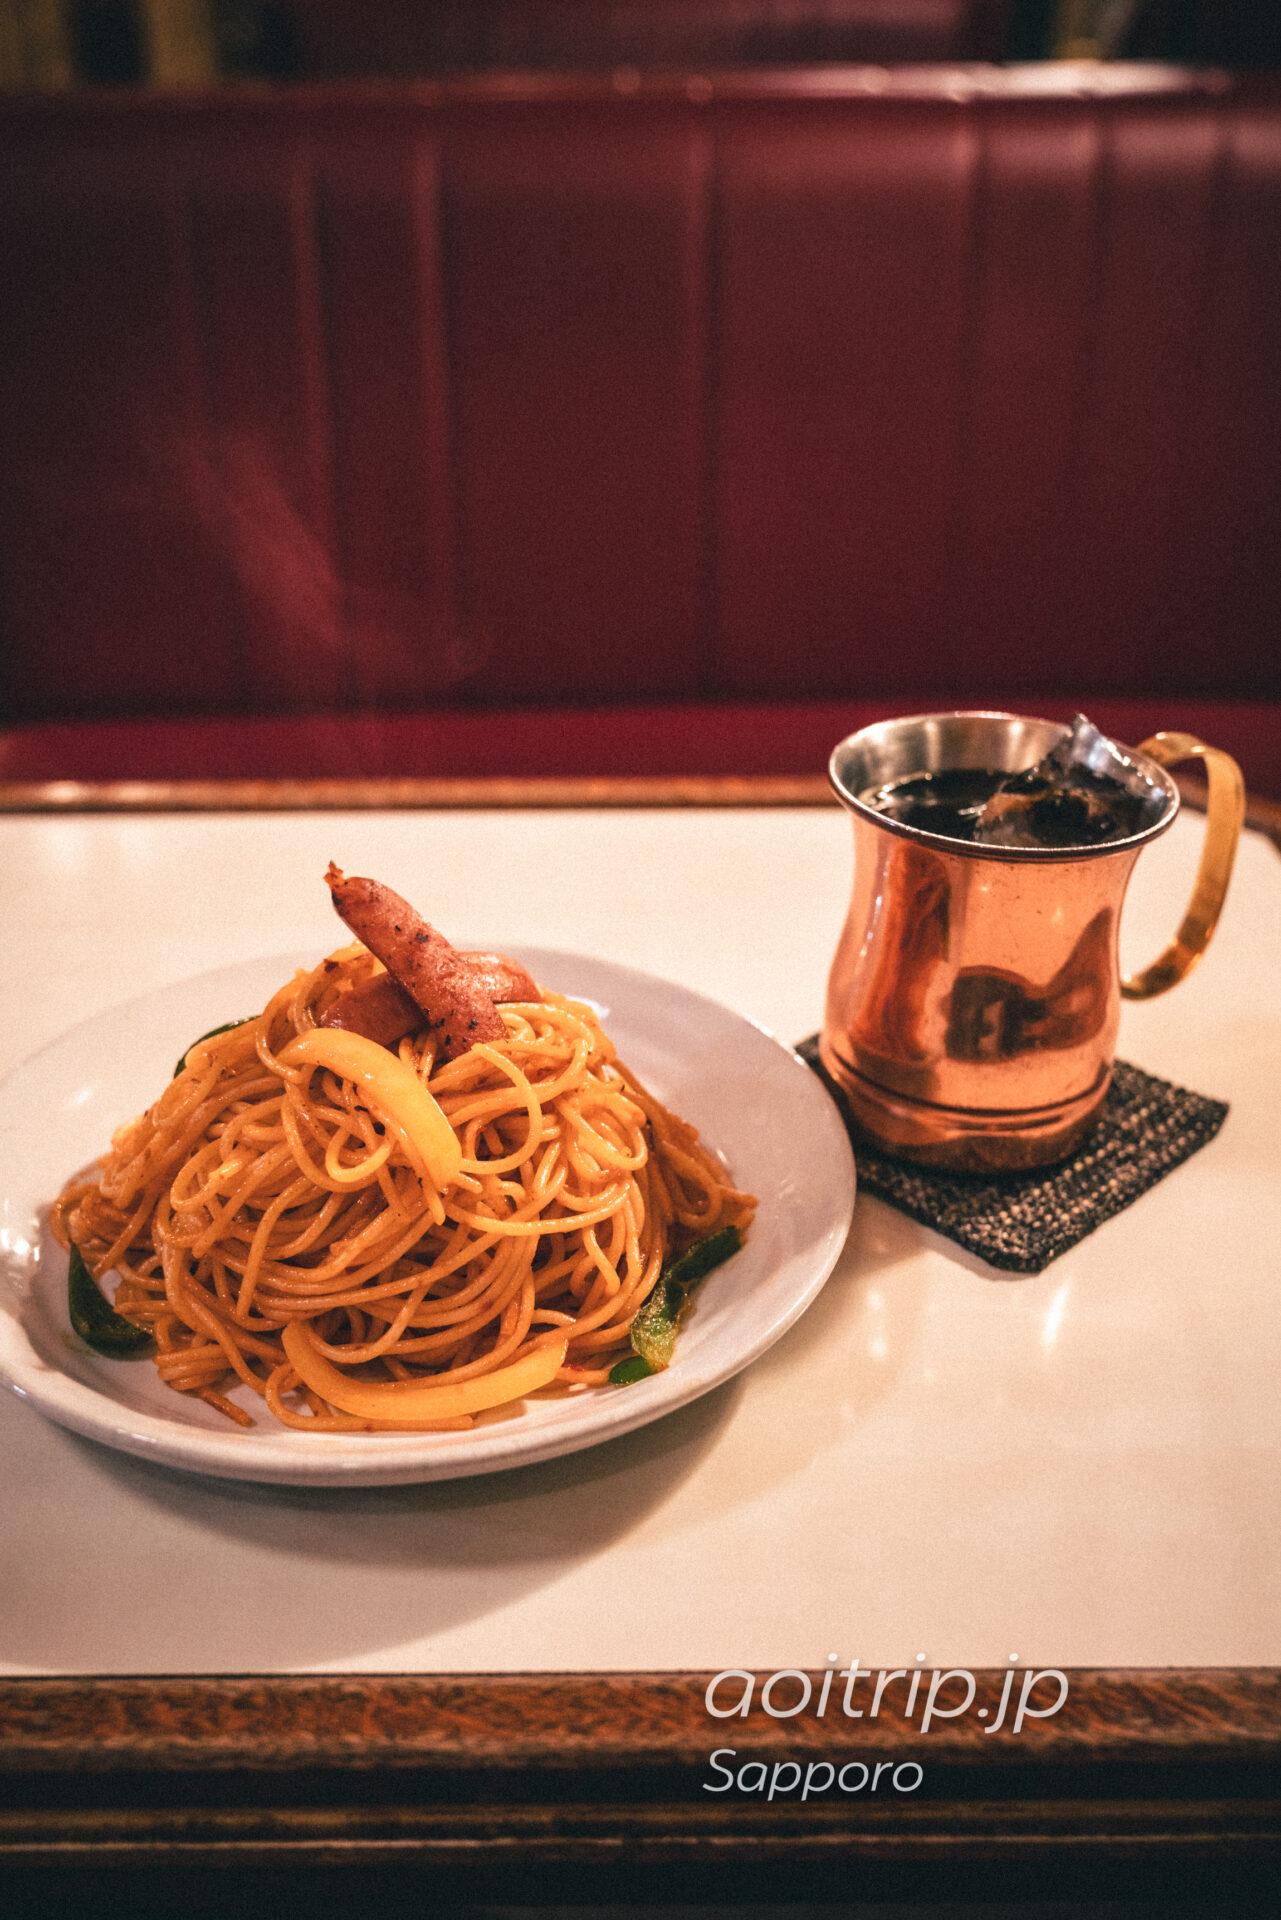 札幌 純喫茶オリンピア ナポリタンとアイスコーヒー